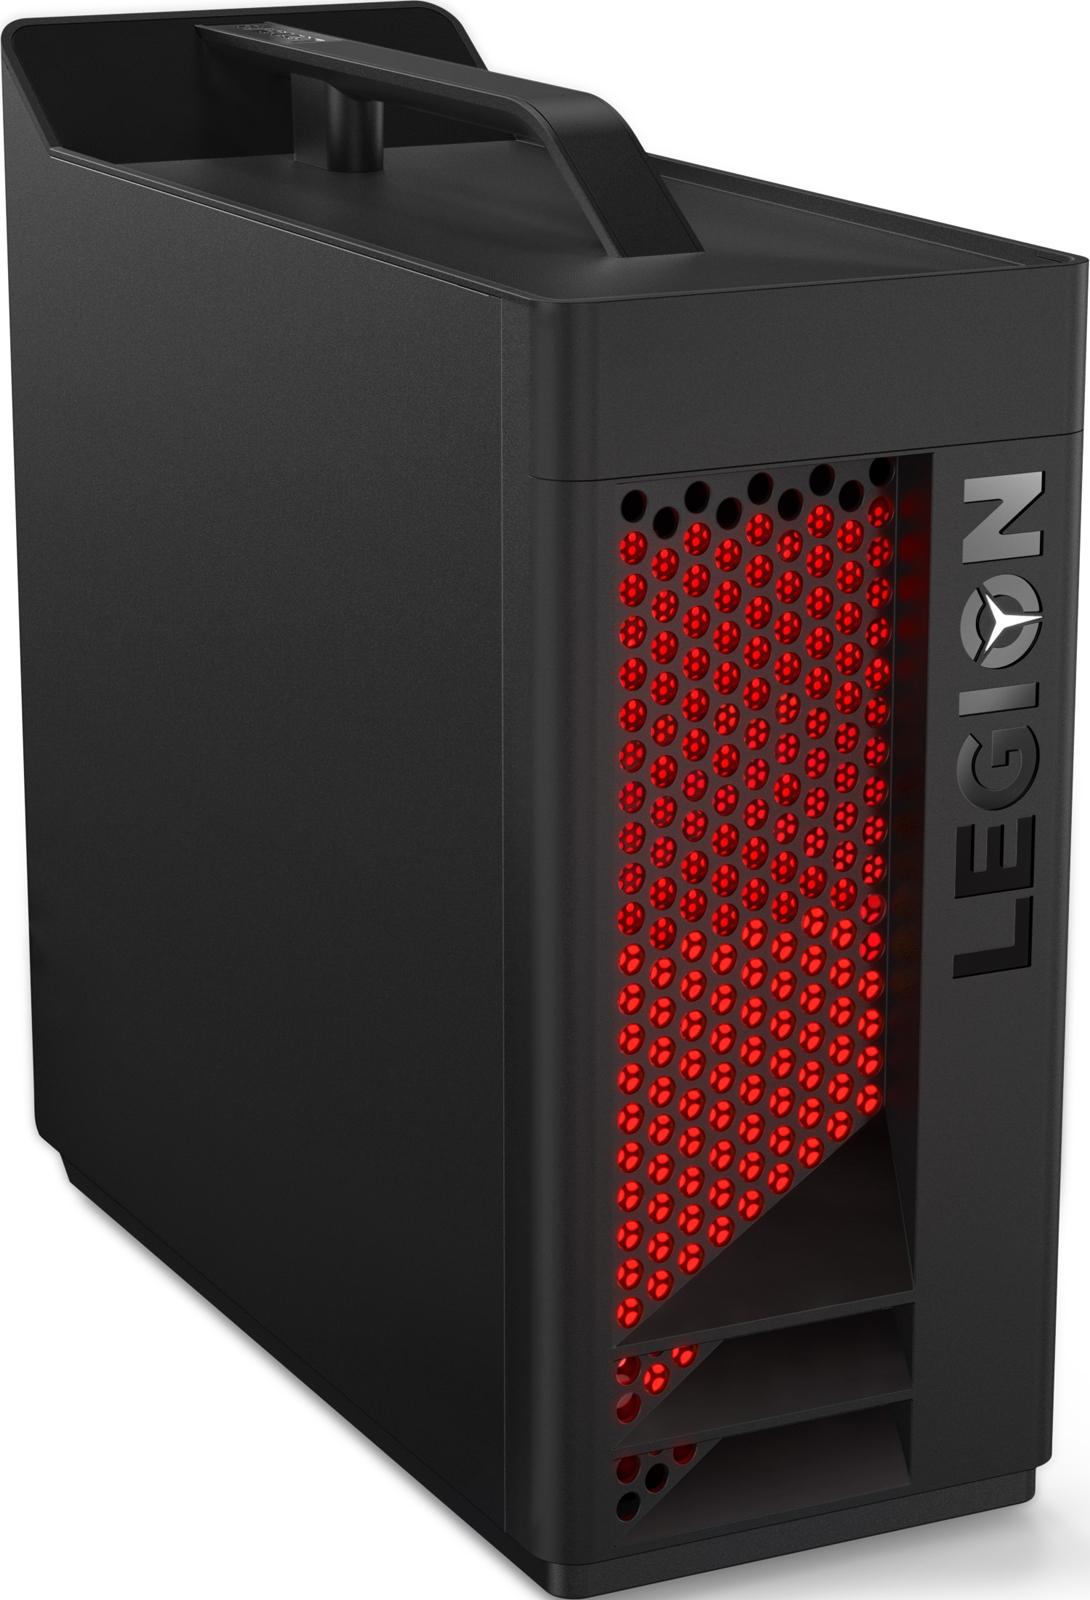 Системный блок Lenovo Legion T530-28ICB MT, 90JL007HRS, черный настольный компьютер lenonvo legion t530 28icb mt 90jl009urs черный